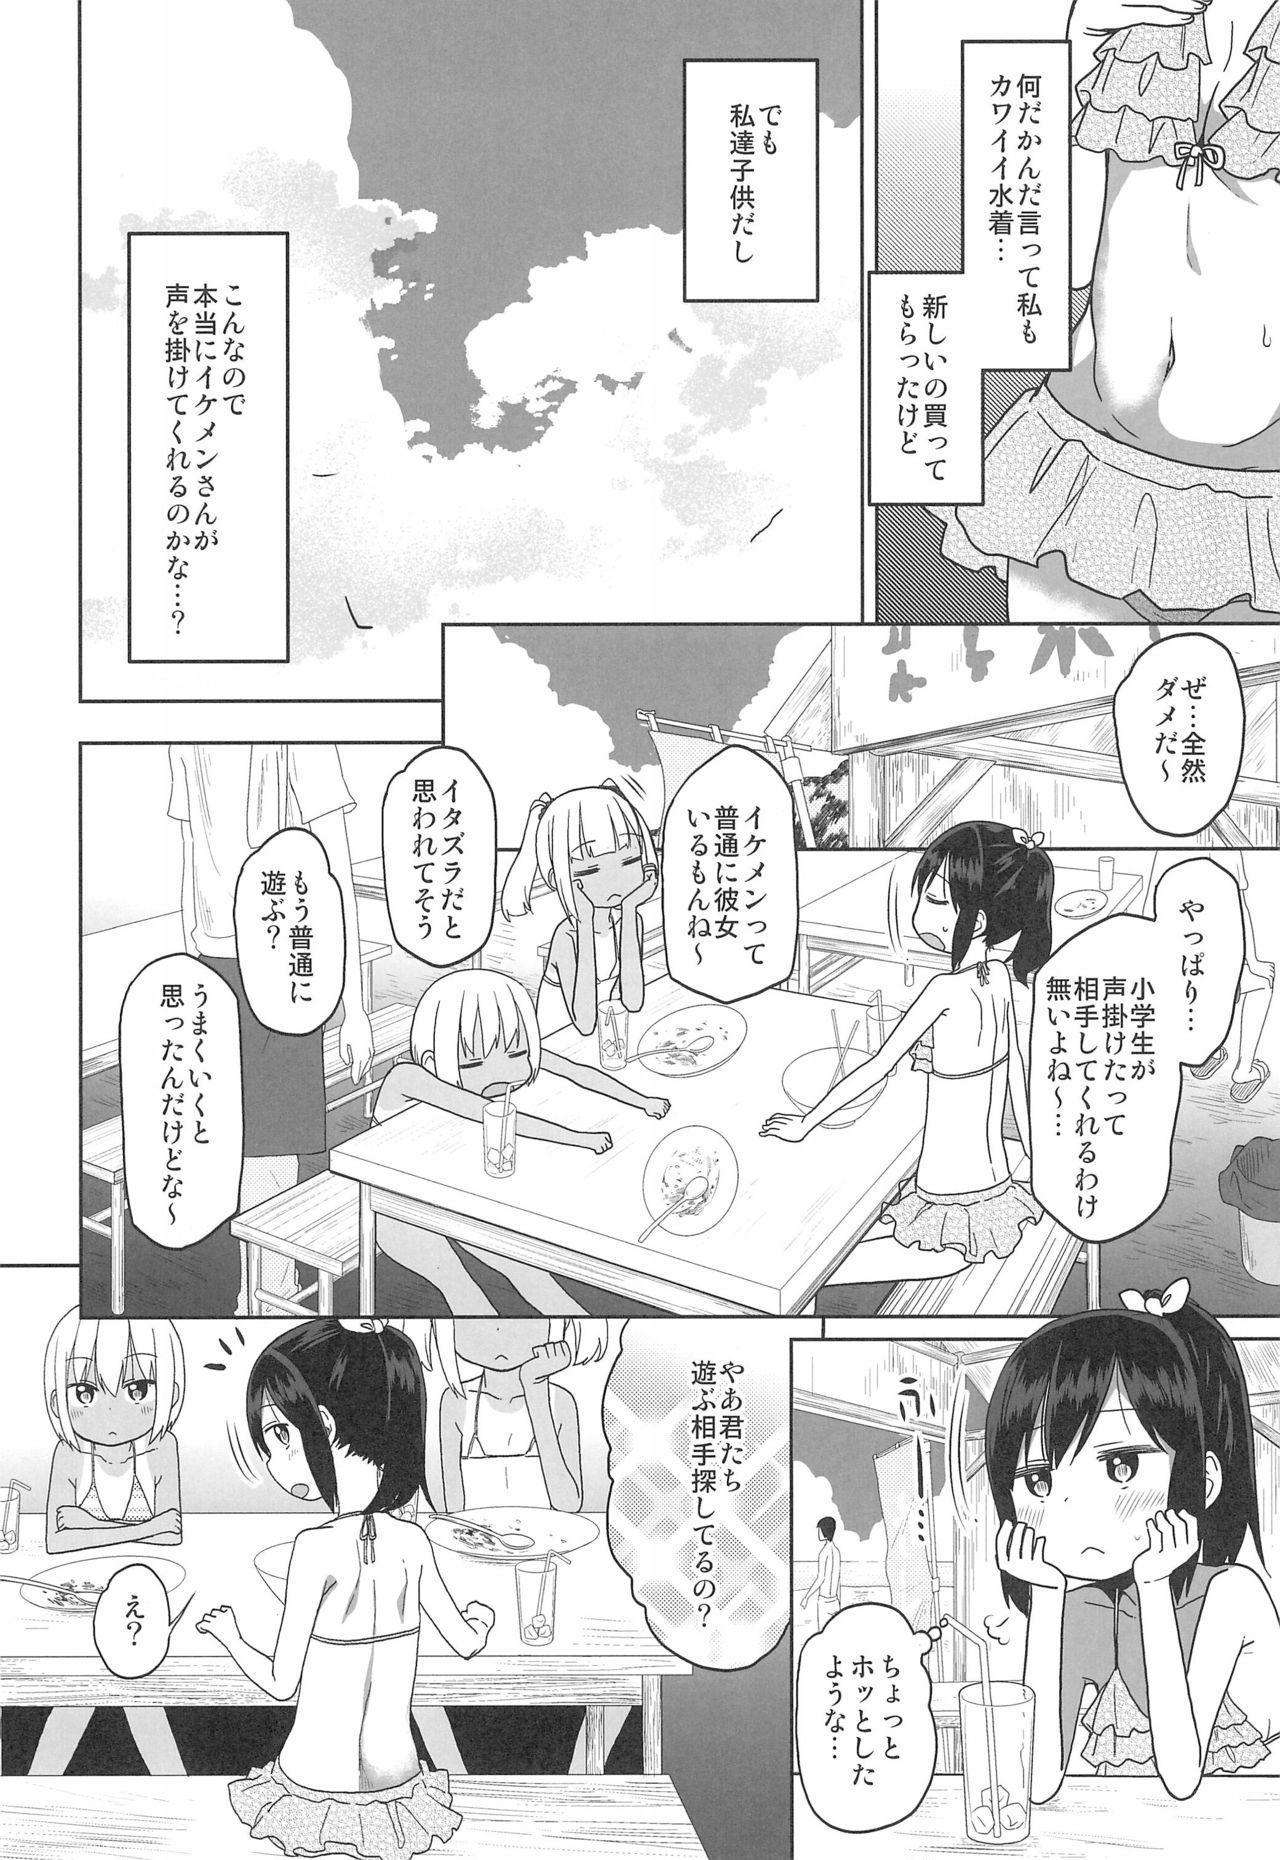 Doki Doki Manatsu no Umi de Nanpa sareta yo! 7